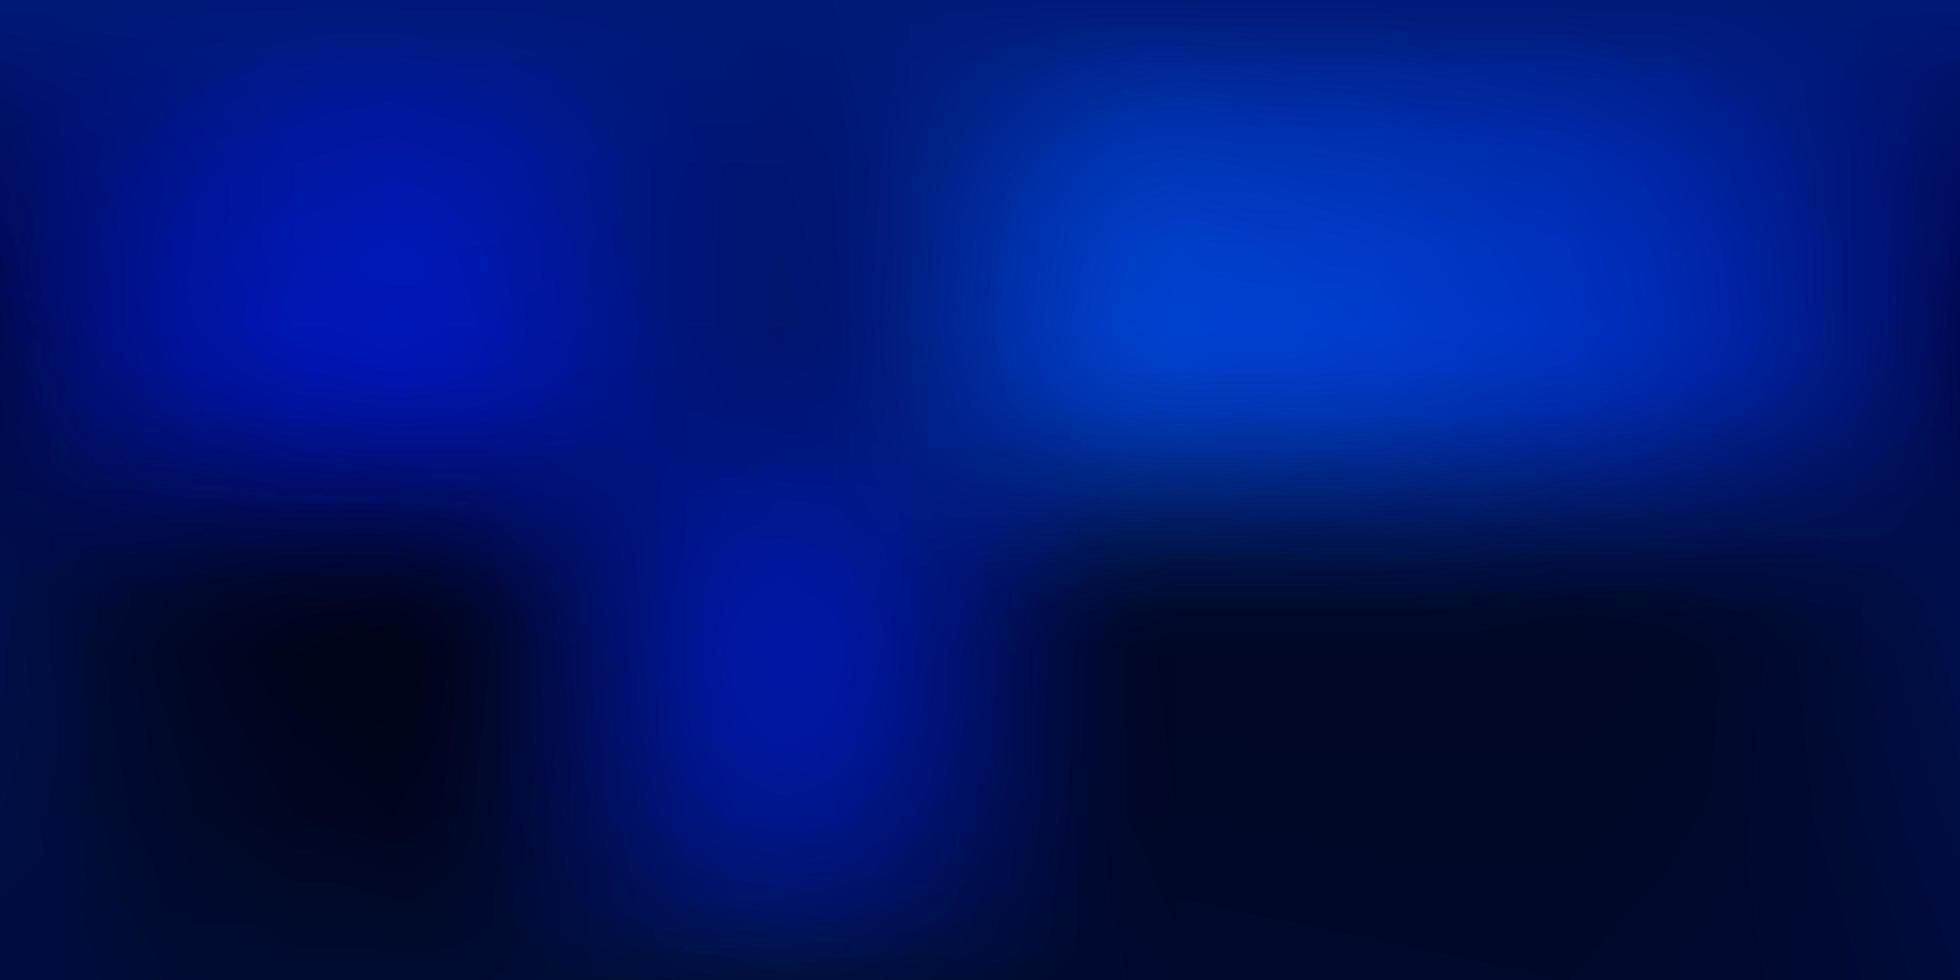 mörkblå vektor suddig bakgrund.